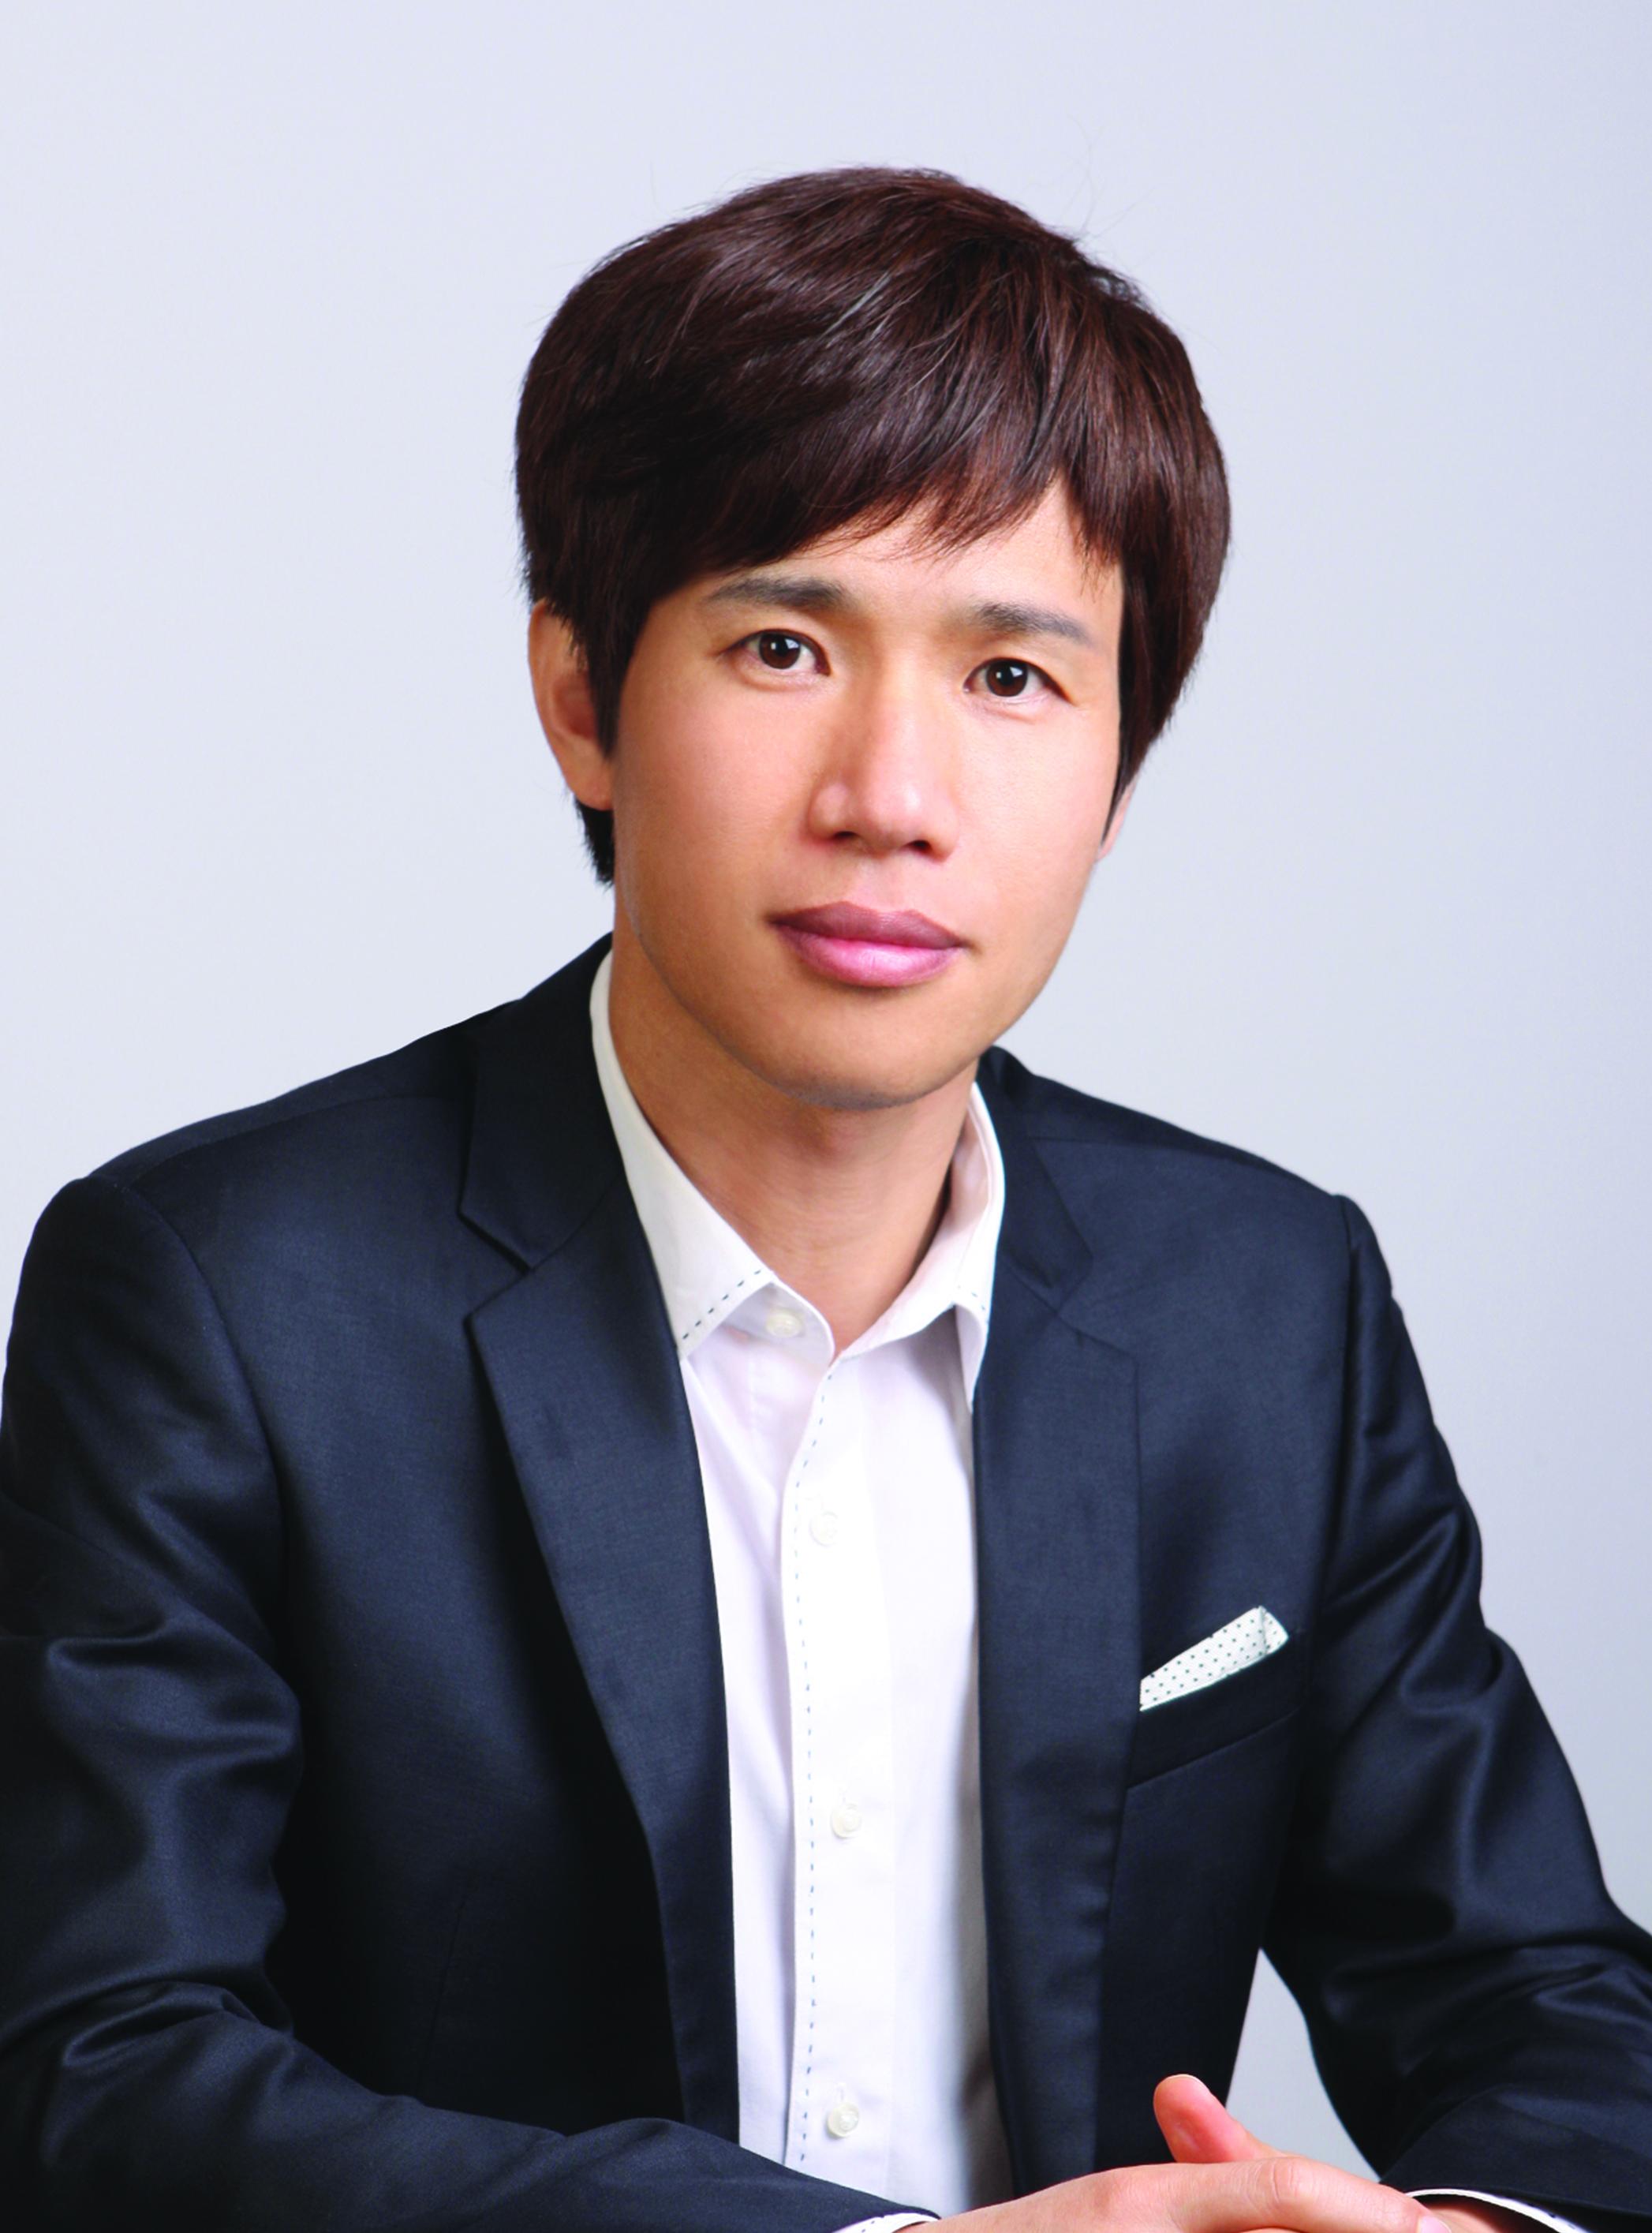 卢玄植 (Roh Hyun Sik)